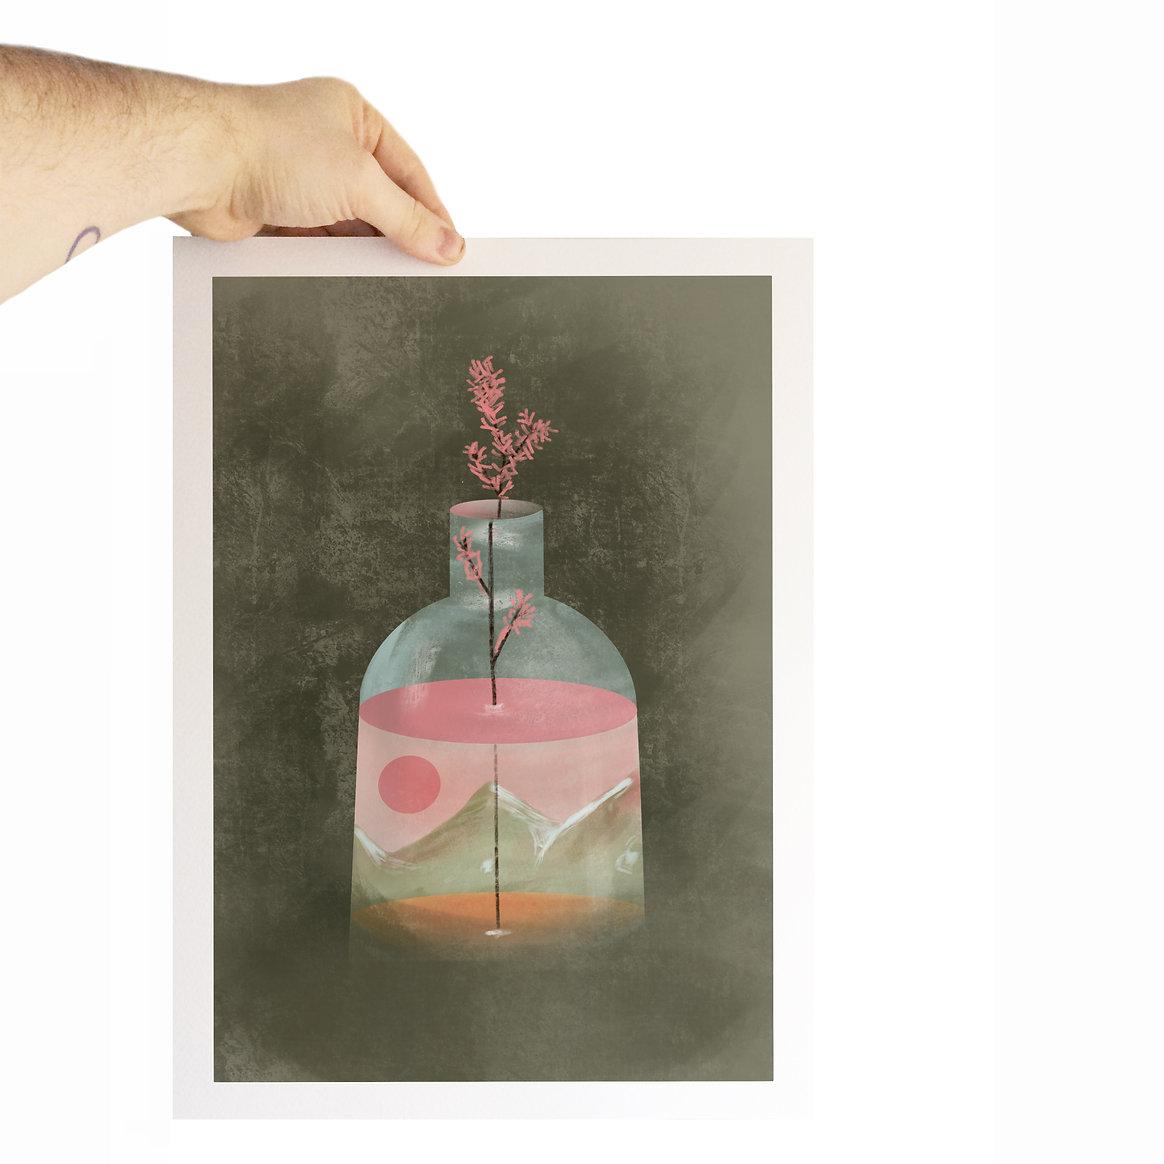 serene-bottle-etsy-square copy.jpg